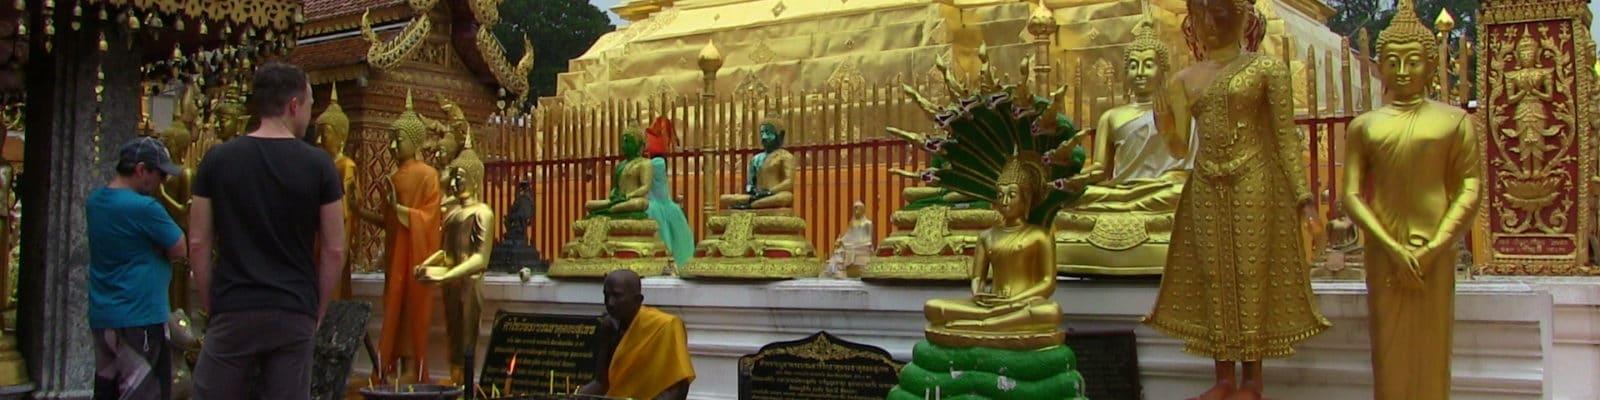 En Thaïlande, quelques petites règles de courtoisie seront les bienvenues. Ces quelques conseils de bonnes attitudes et de respect envers les thaïs vous seront très utiles au pays du sourire.